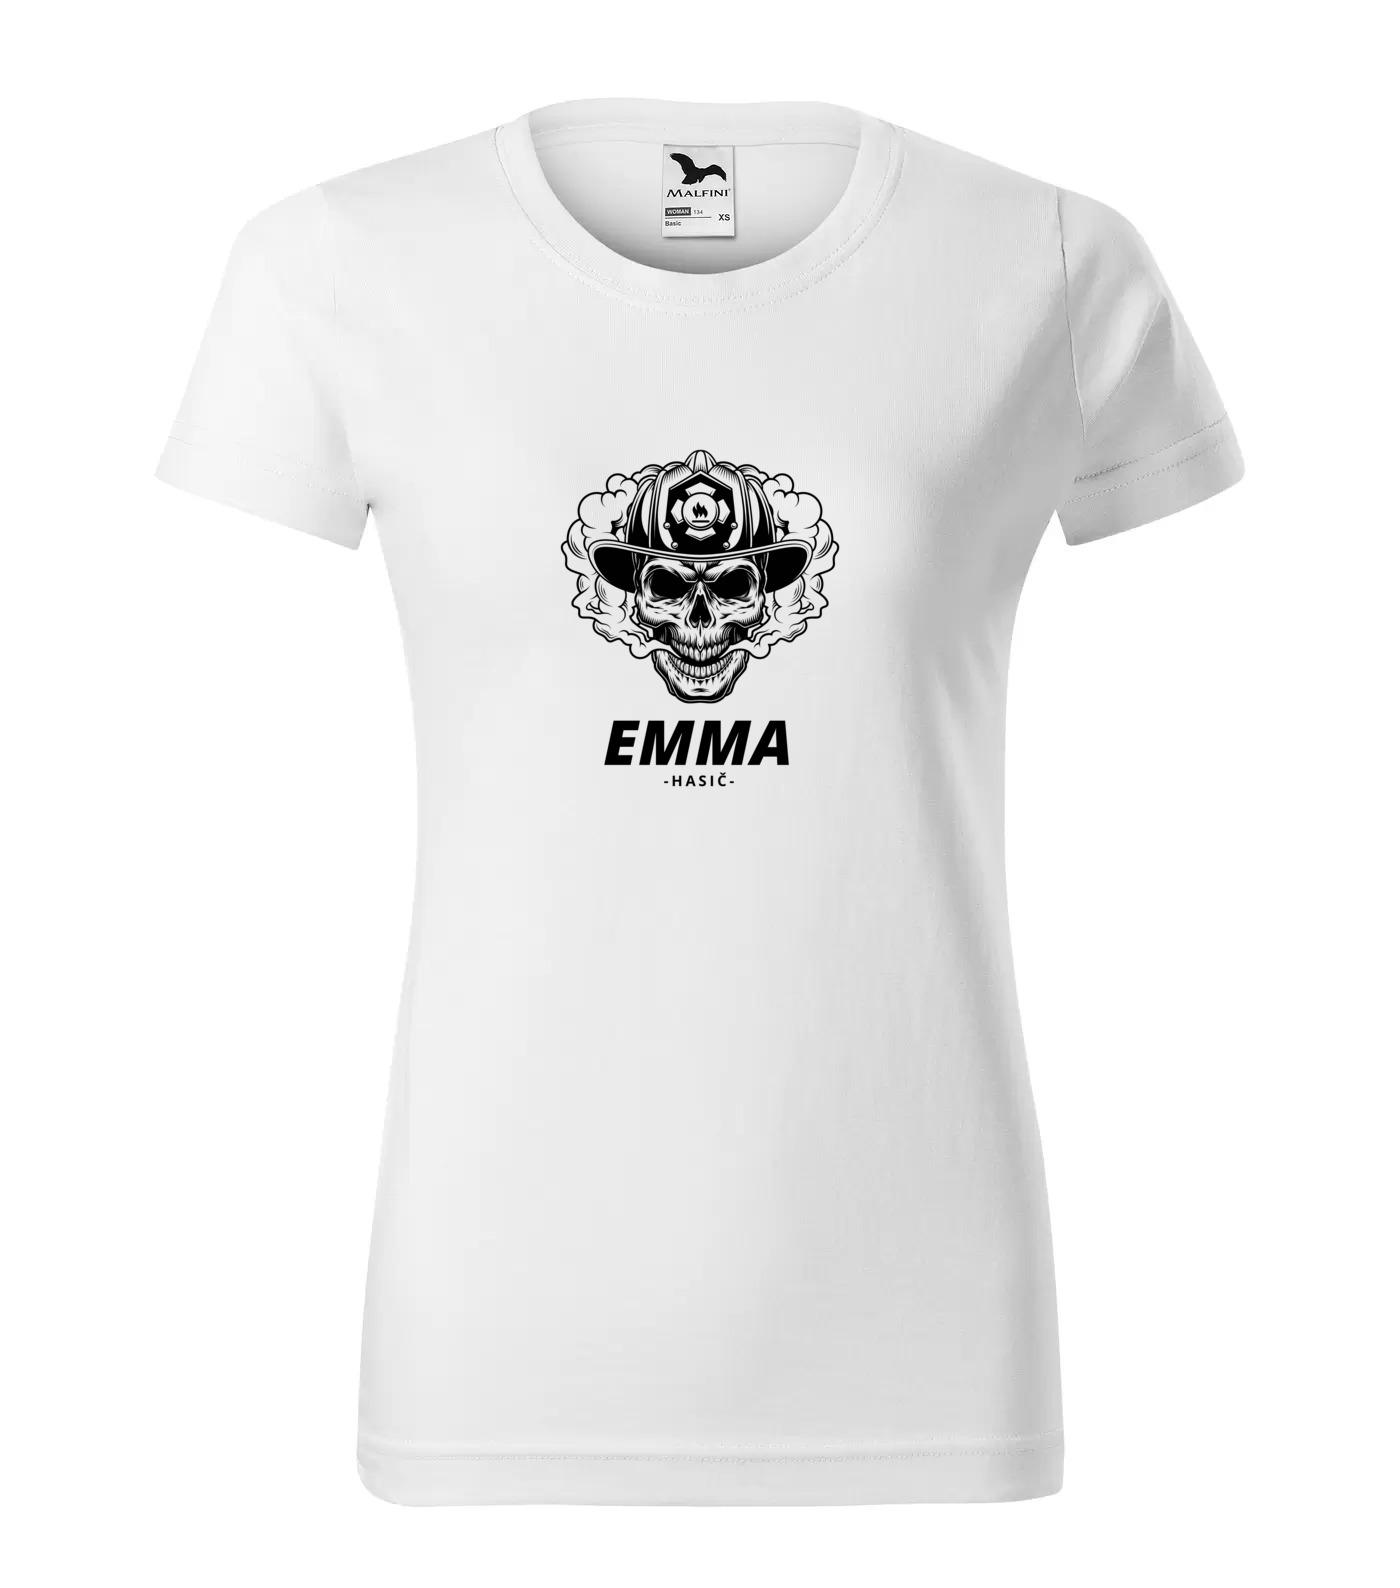 Tričko Hasič Emma